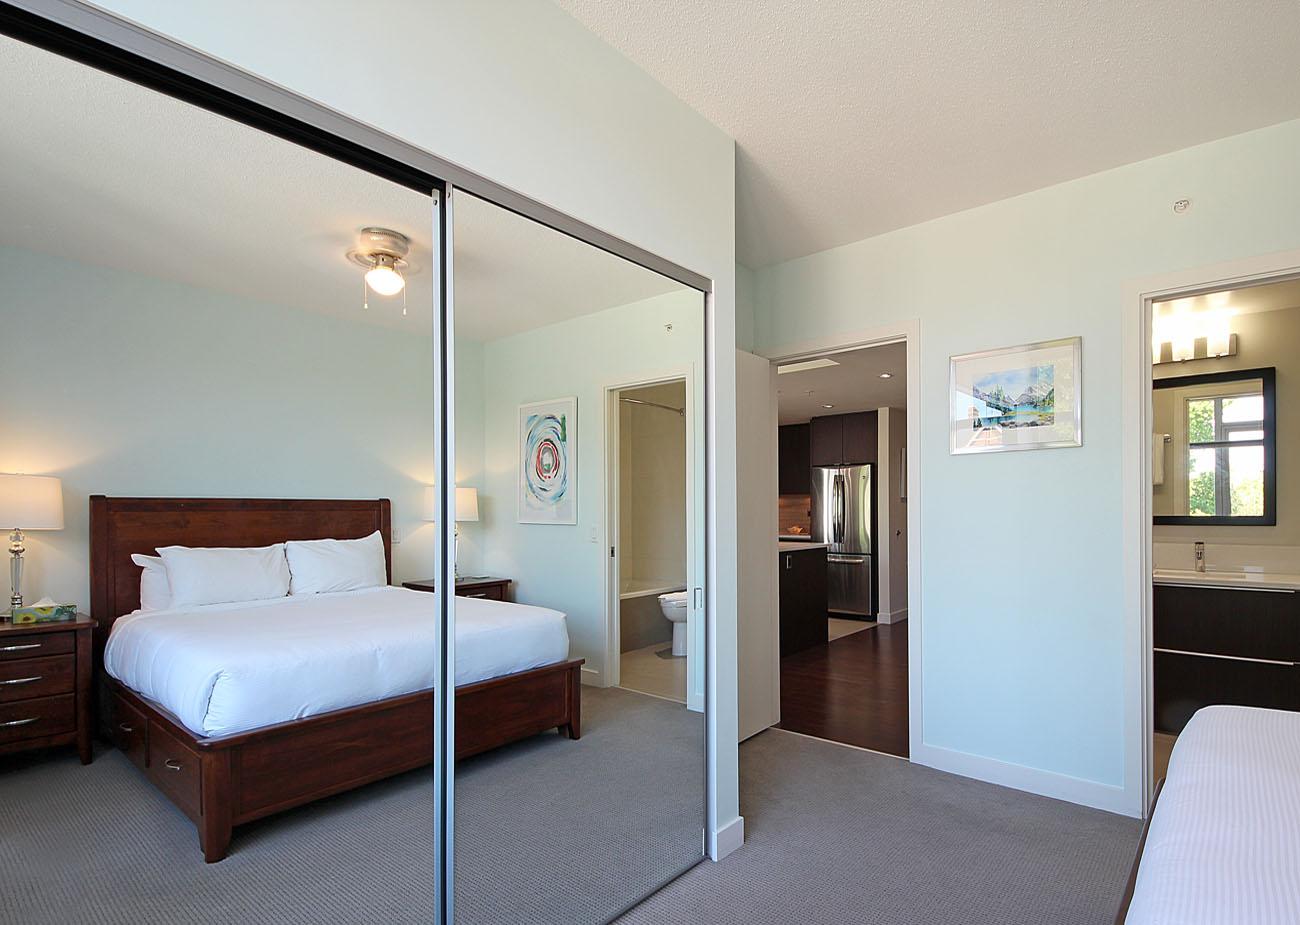 Large closet in queen bedroom